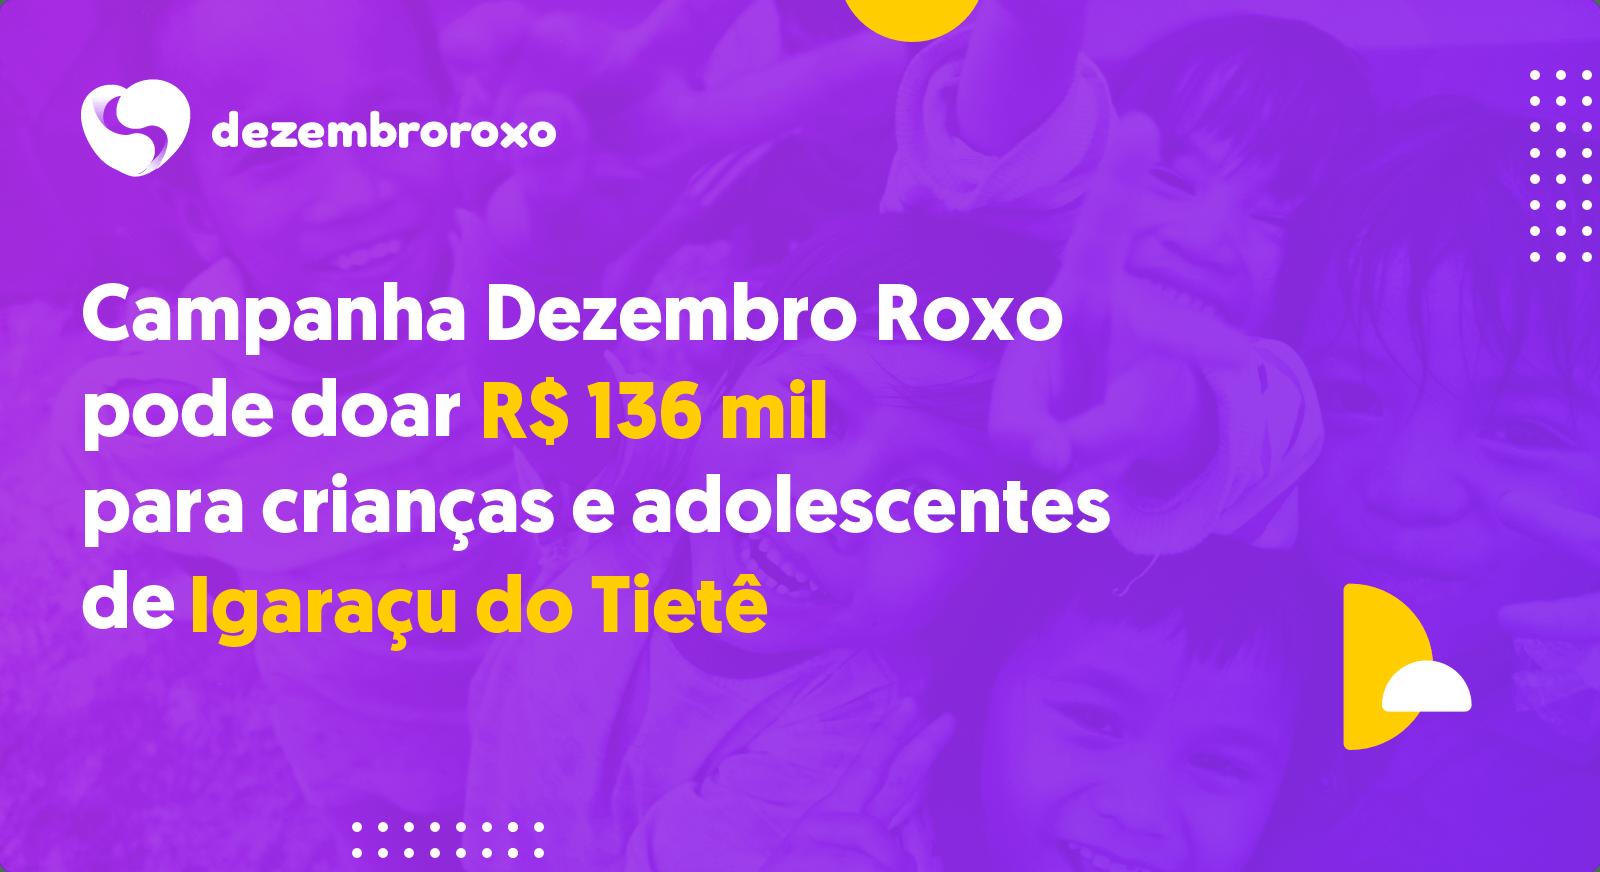 Doações em Igaraçu do Tietê - SP